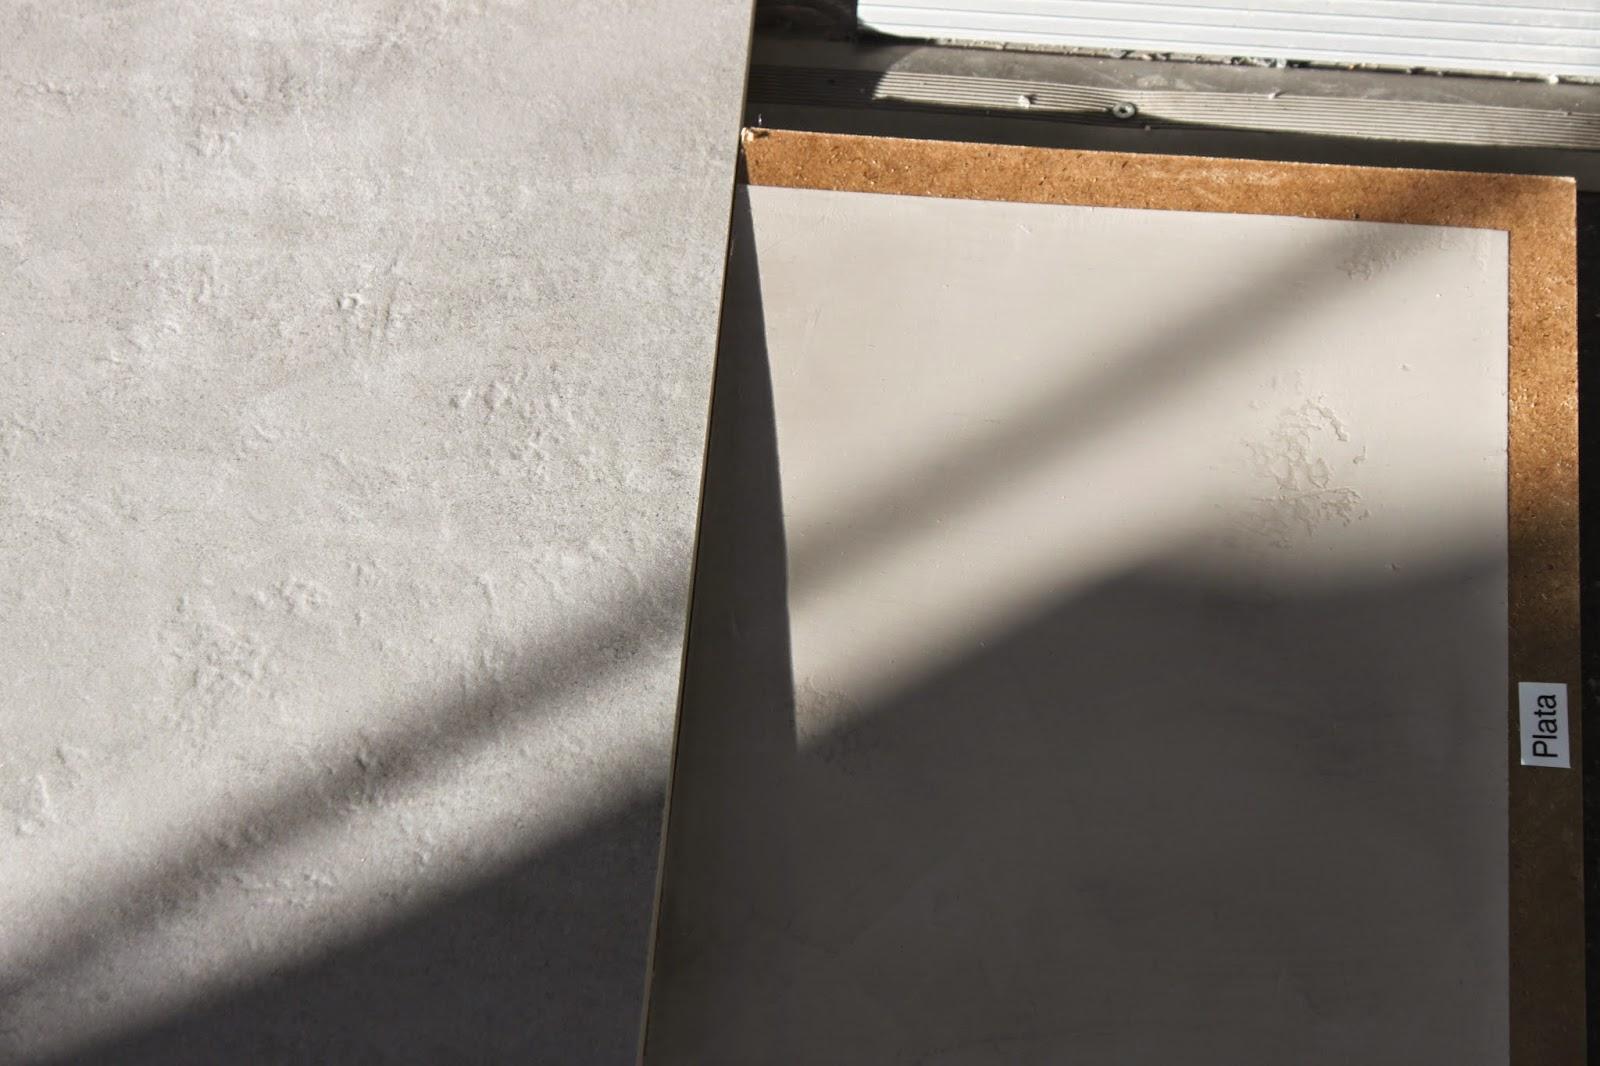 KOTI Kivilattia vai mikrosementtipinnoite betonin päälle?